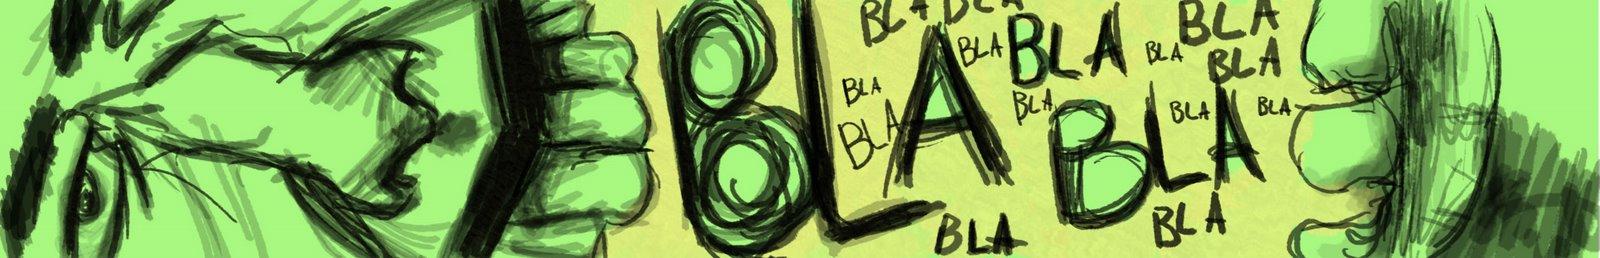 Desenho bla bla bla ....